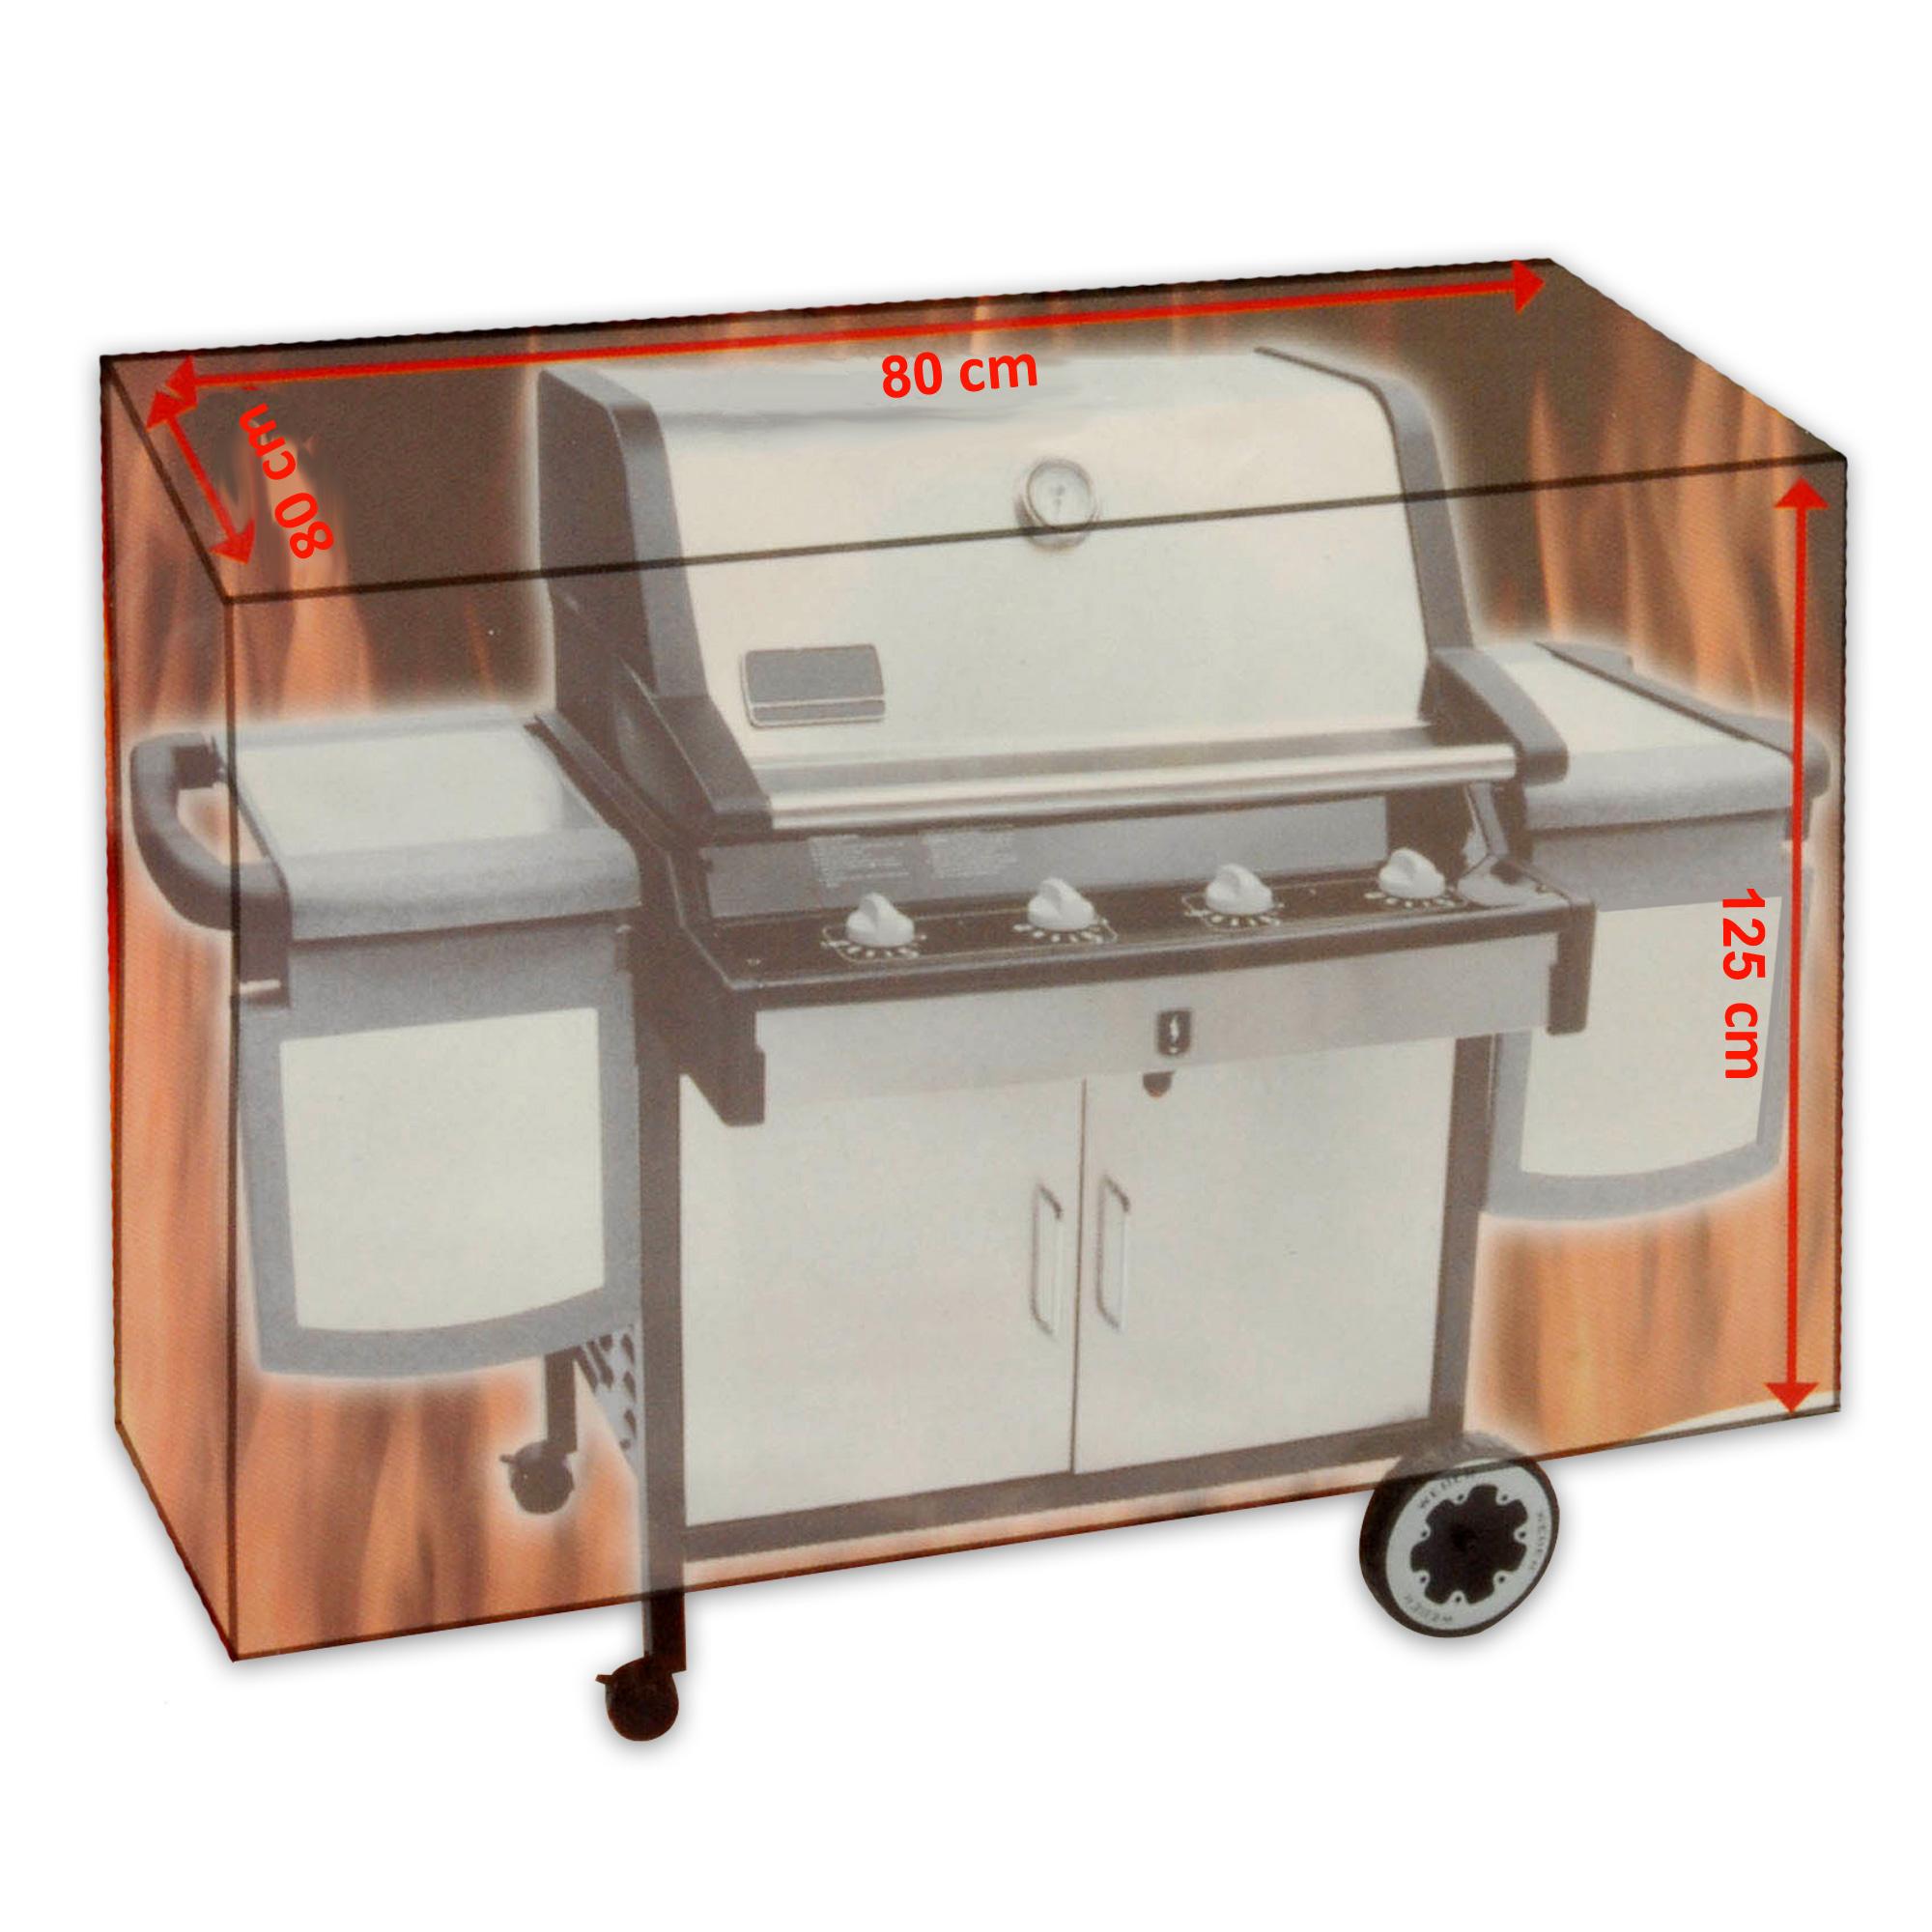 housse pour barbecue 80 x 125 80 cm grill couverture de. Black Bedroom Furniture Sets. Home Design Ideas